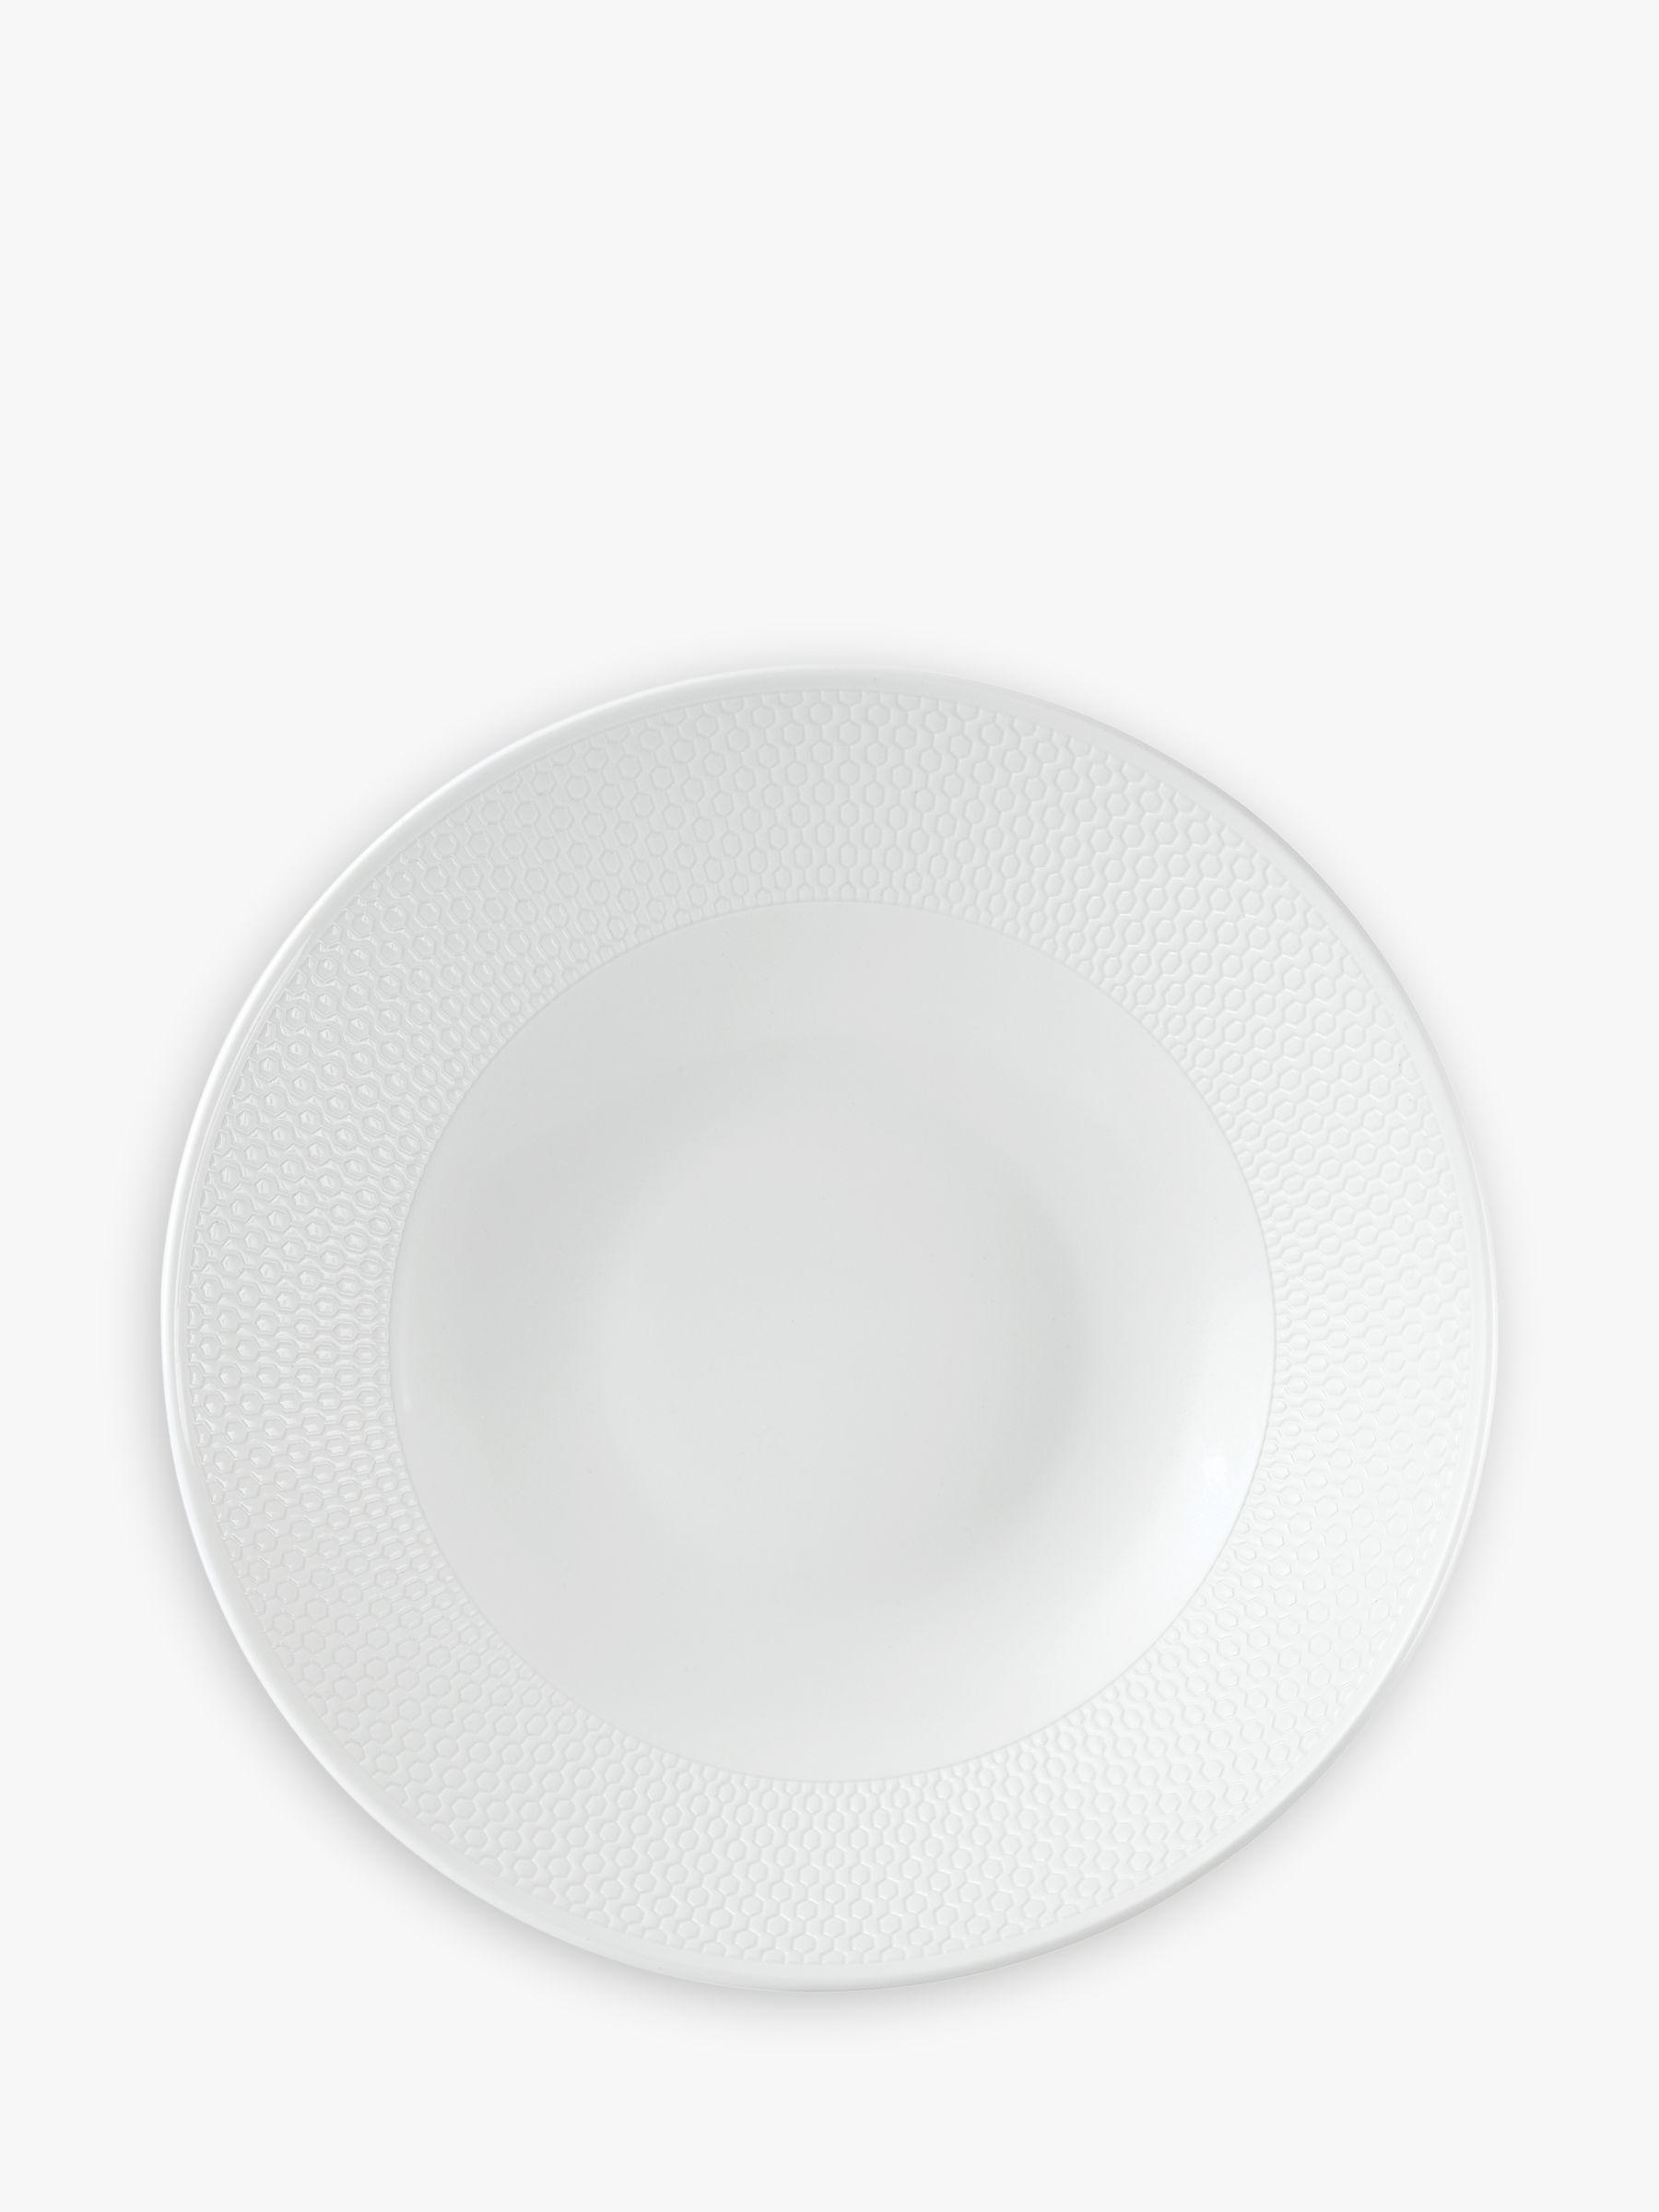 Wedgwood Wedgwood Gio Pasta Bowl, White, Dia.25cm